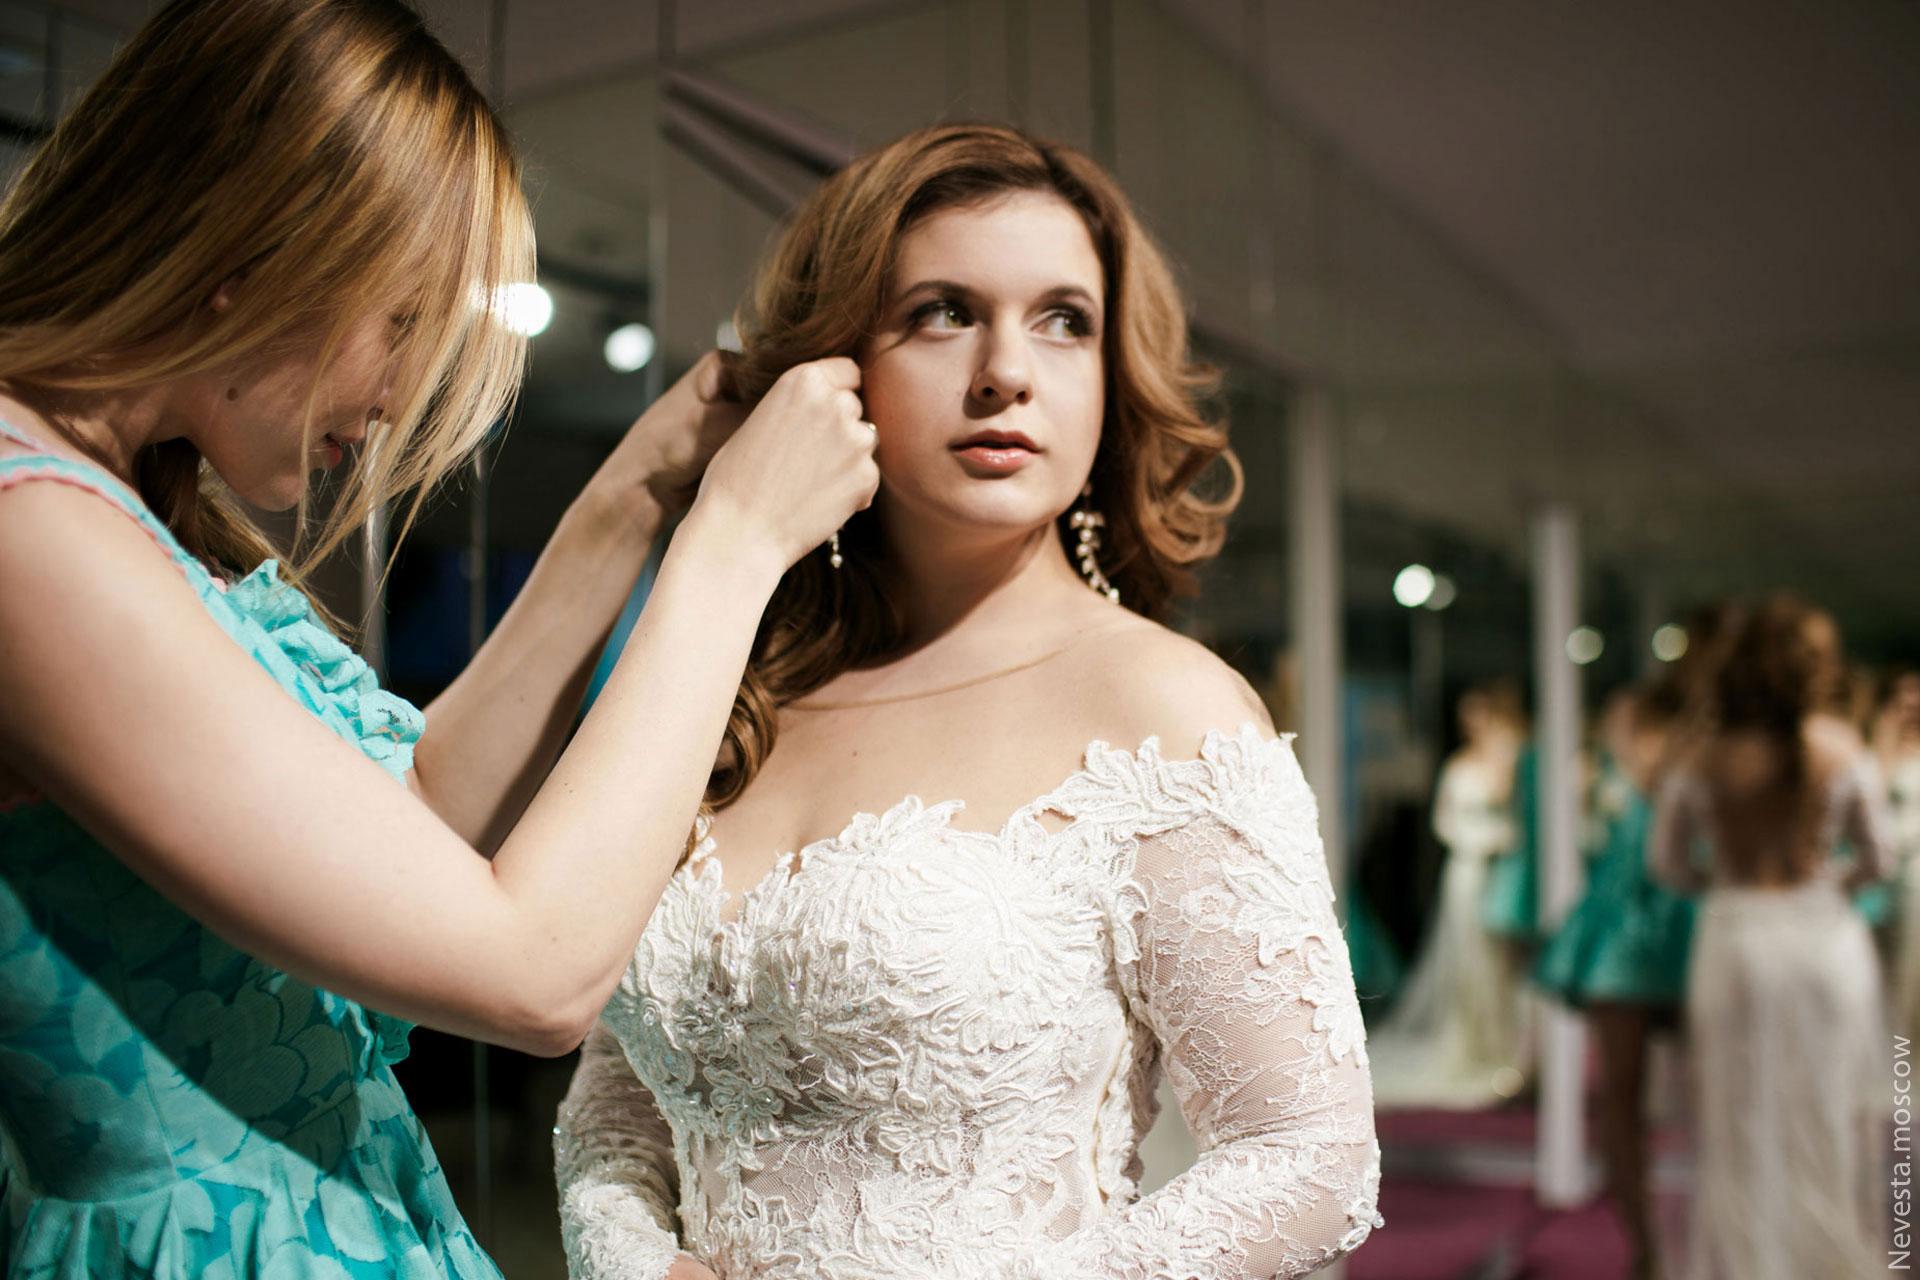 Анастасия Денисова выбирает образ для своей свадьбы фото 19